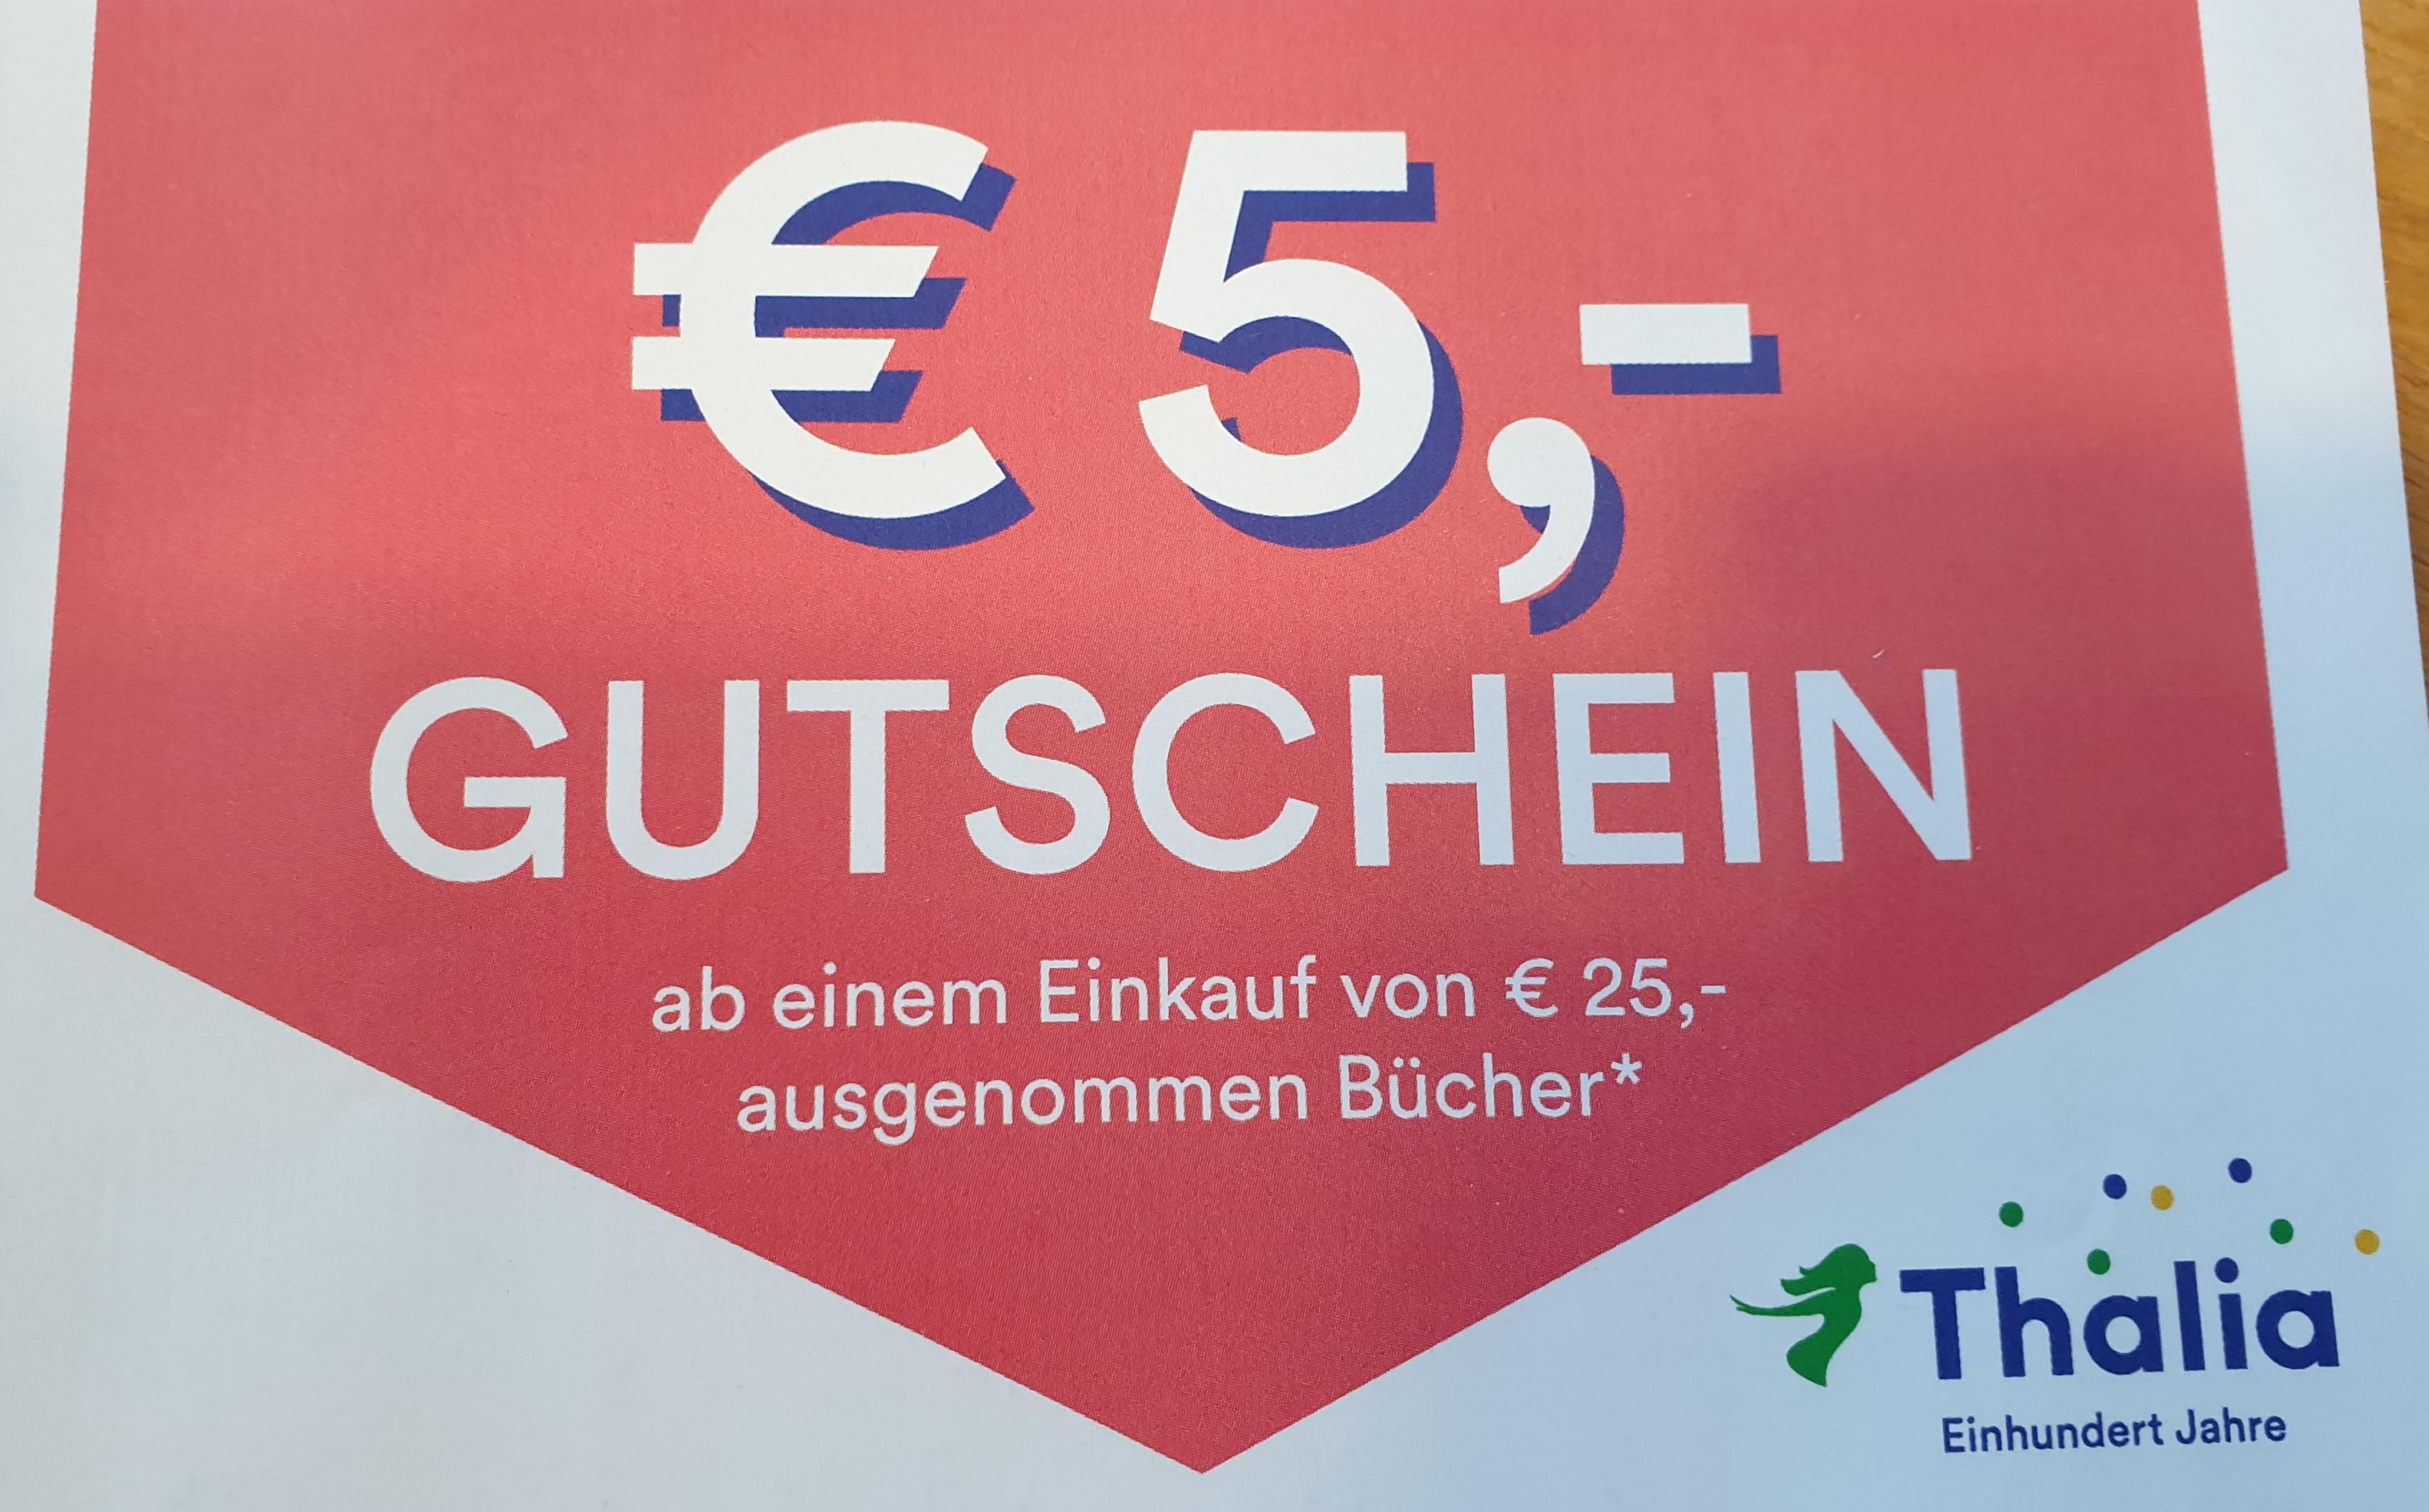 Thalia: EUR 5,-- Rabatt ab EUR 25,-- Einkauf, offline und online